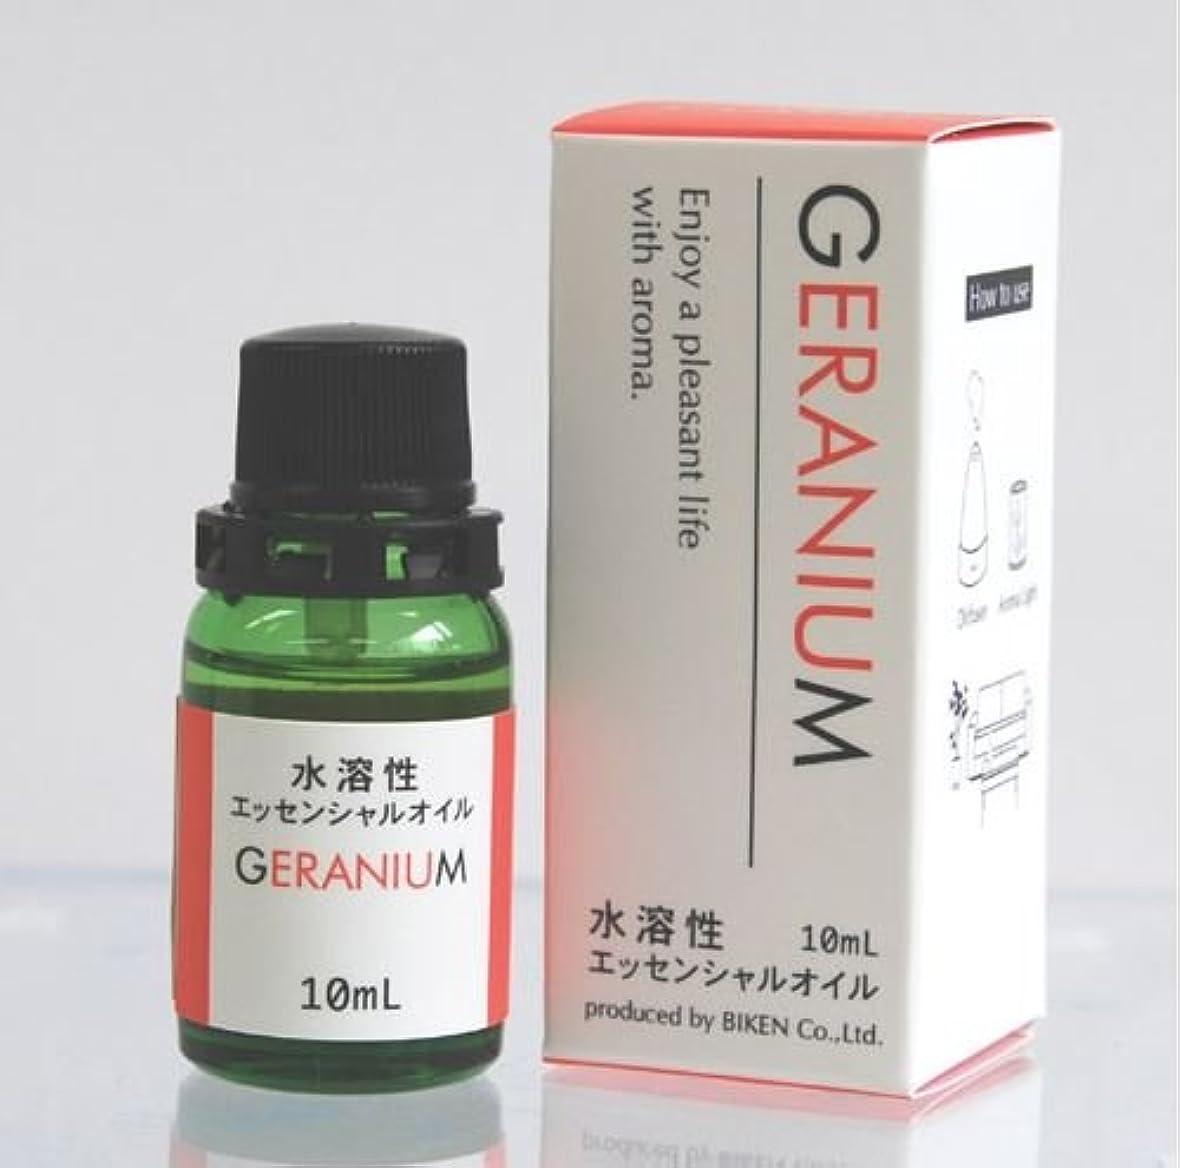 アレルギー性取得する論理的に水溶性エッセンシャルオイル ゼラニウム